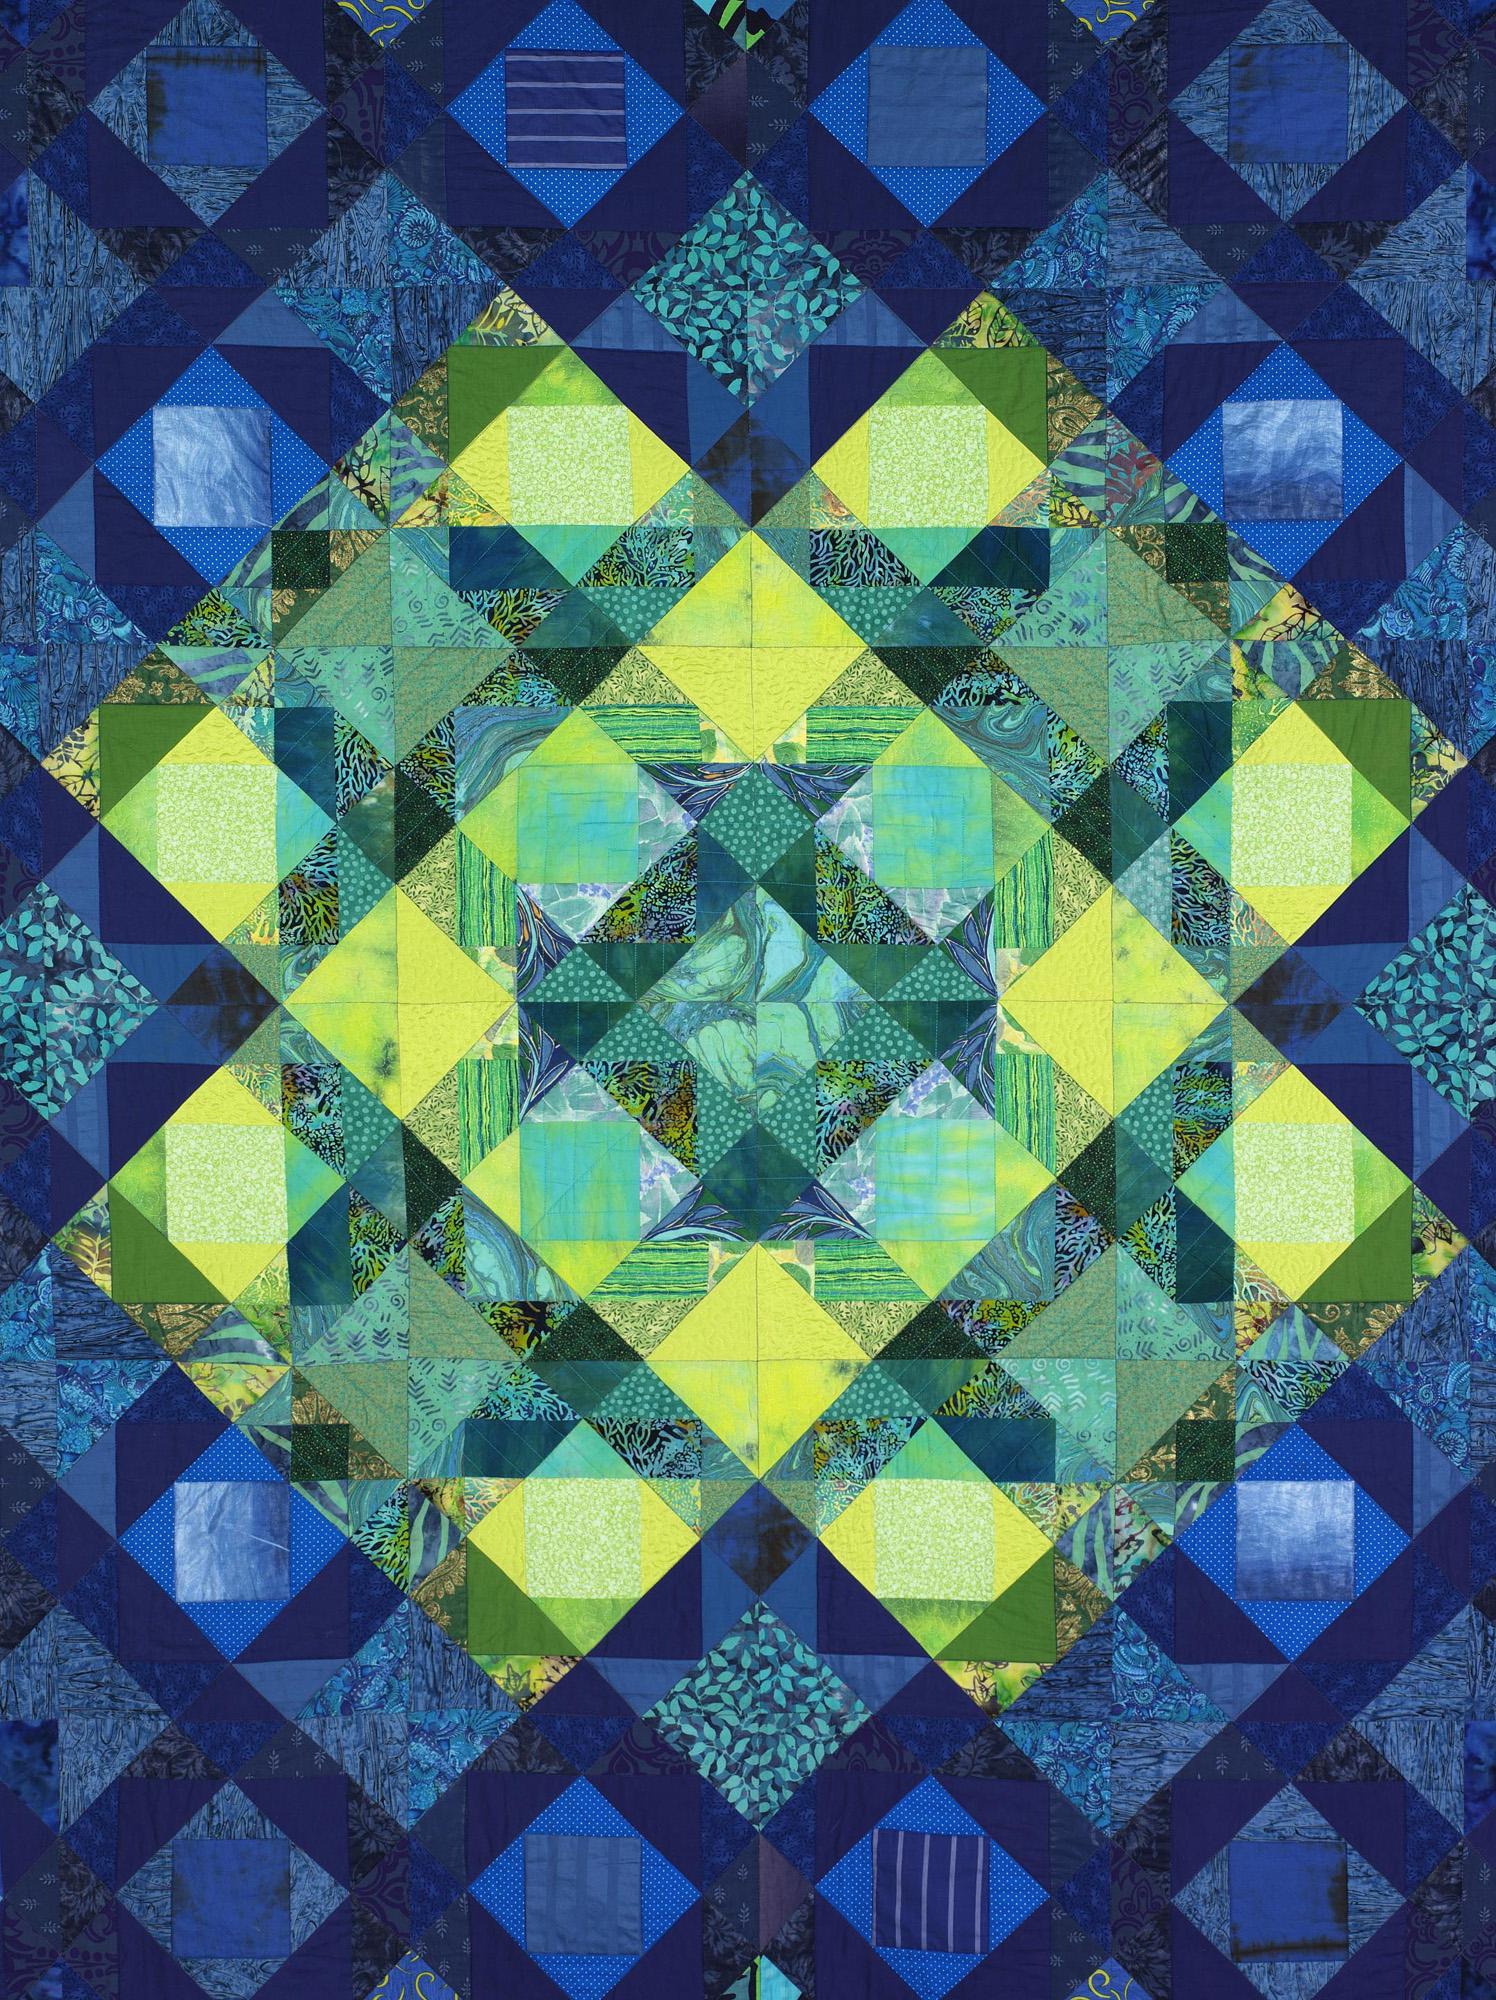 Kristina's Quilt (252 x 250 cm)